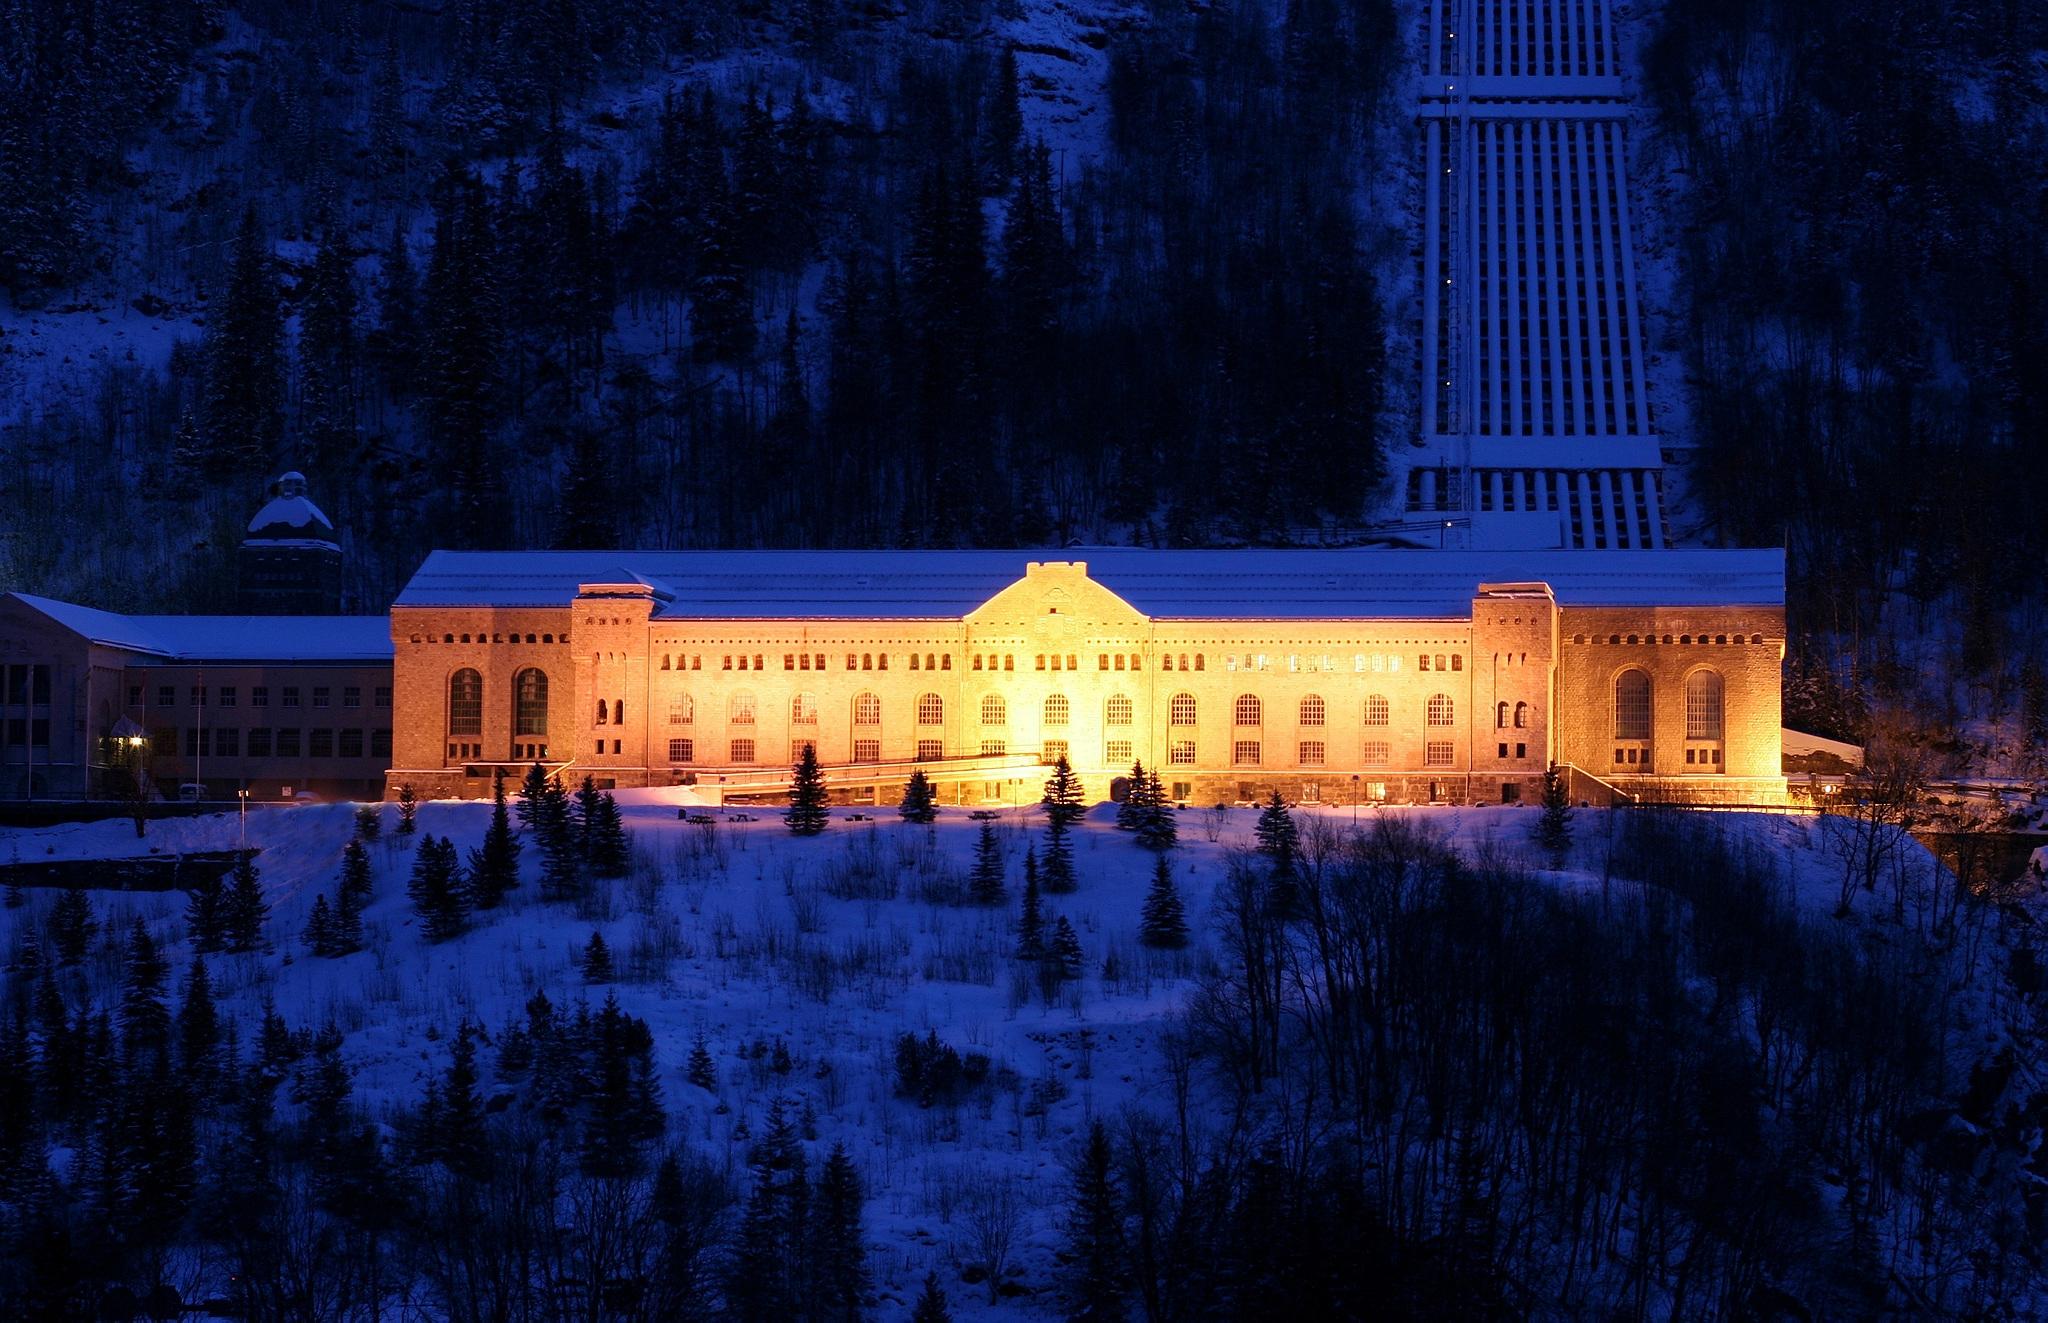 Norsk Industriarbeidermuseum